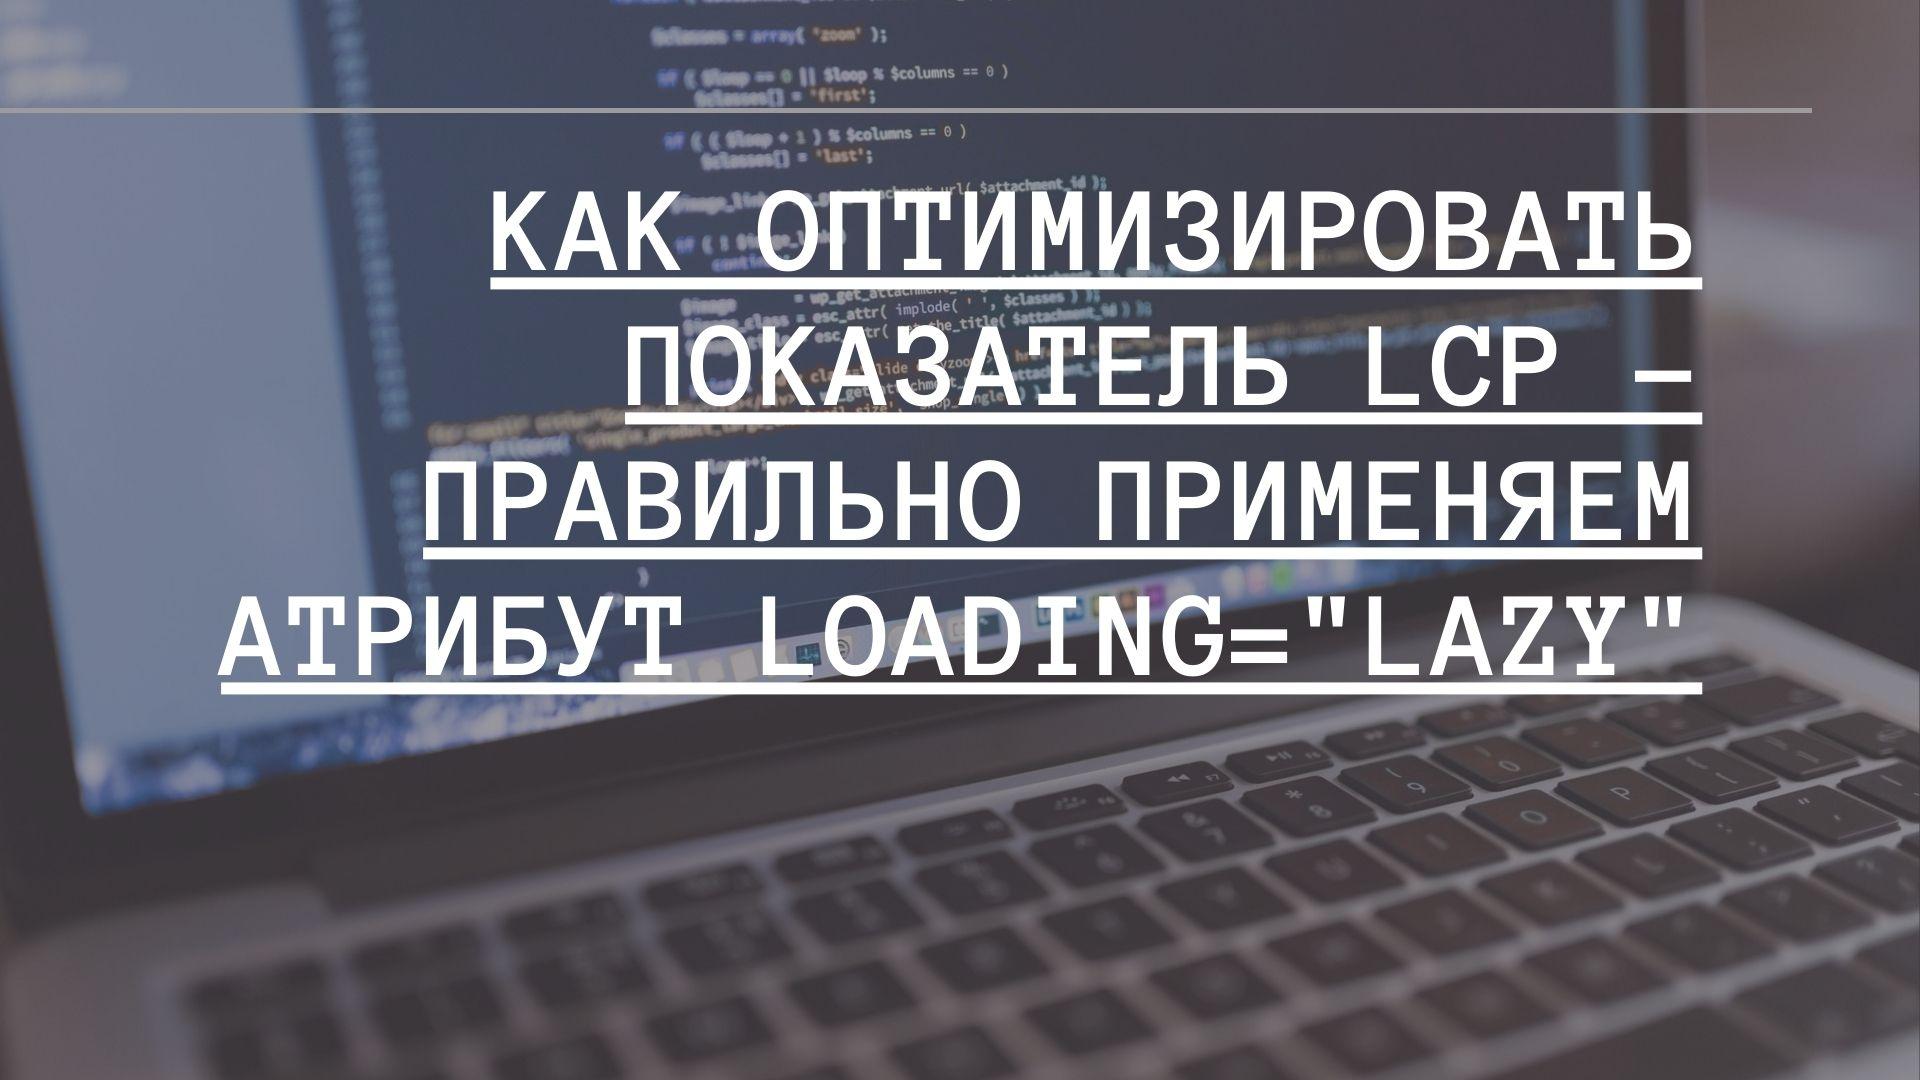 Как оптимизировать показатель LCP правильно применяем атрибут loading=lazy